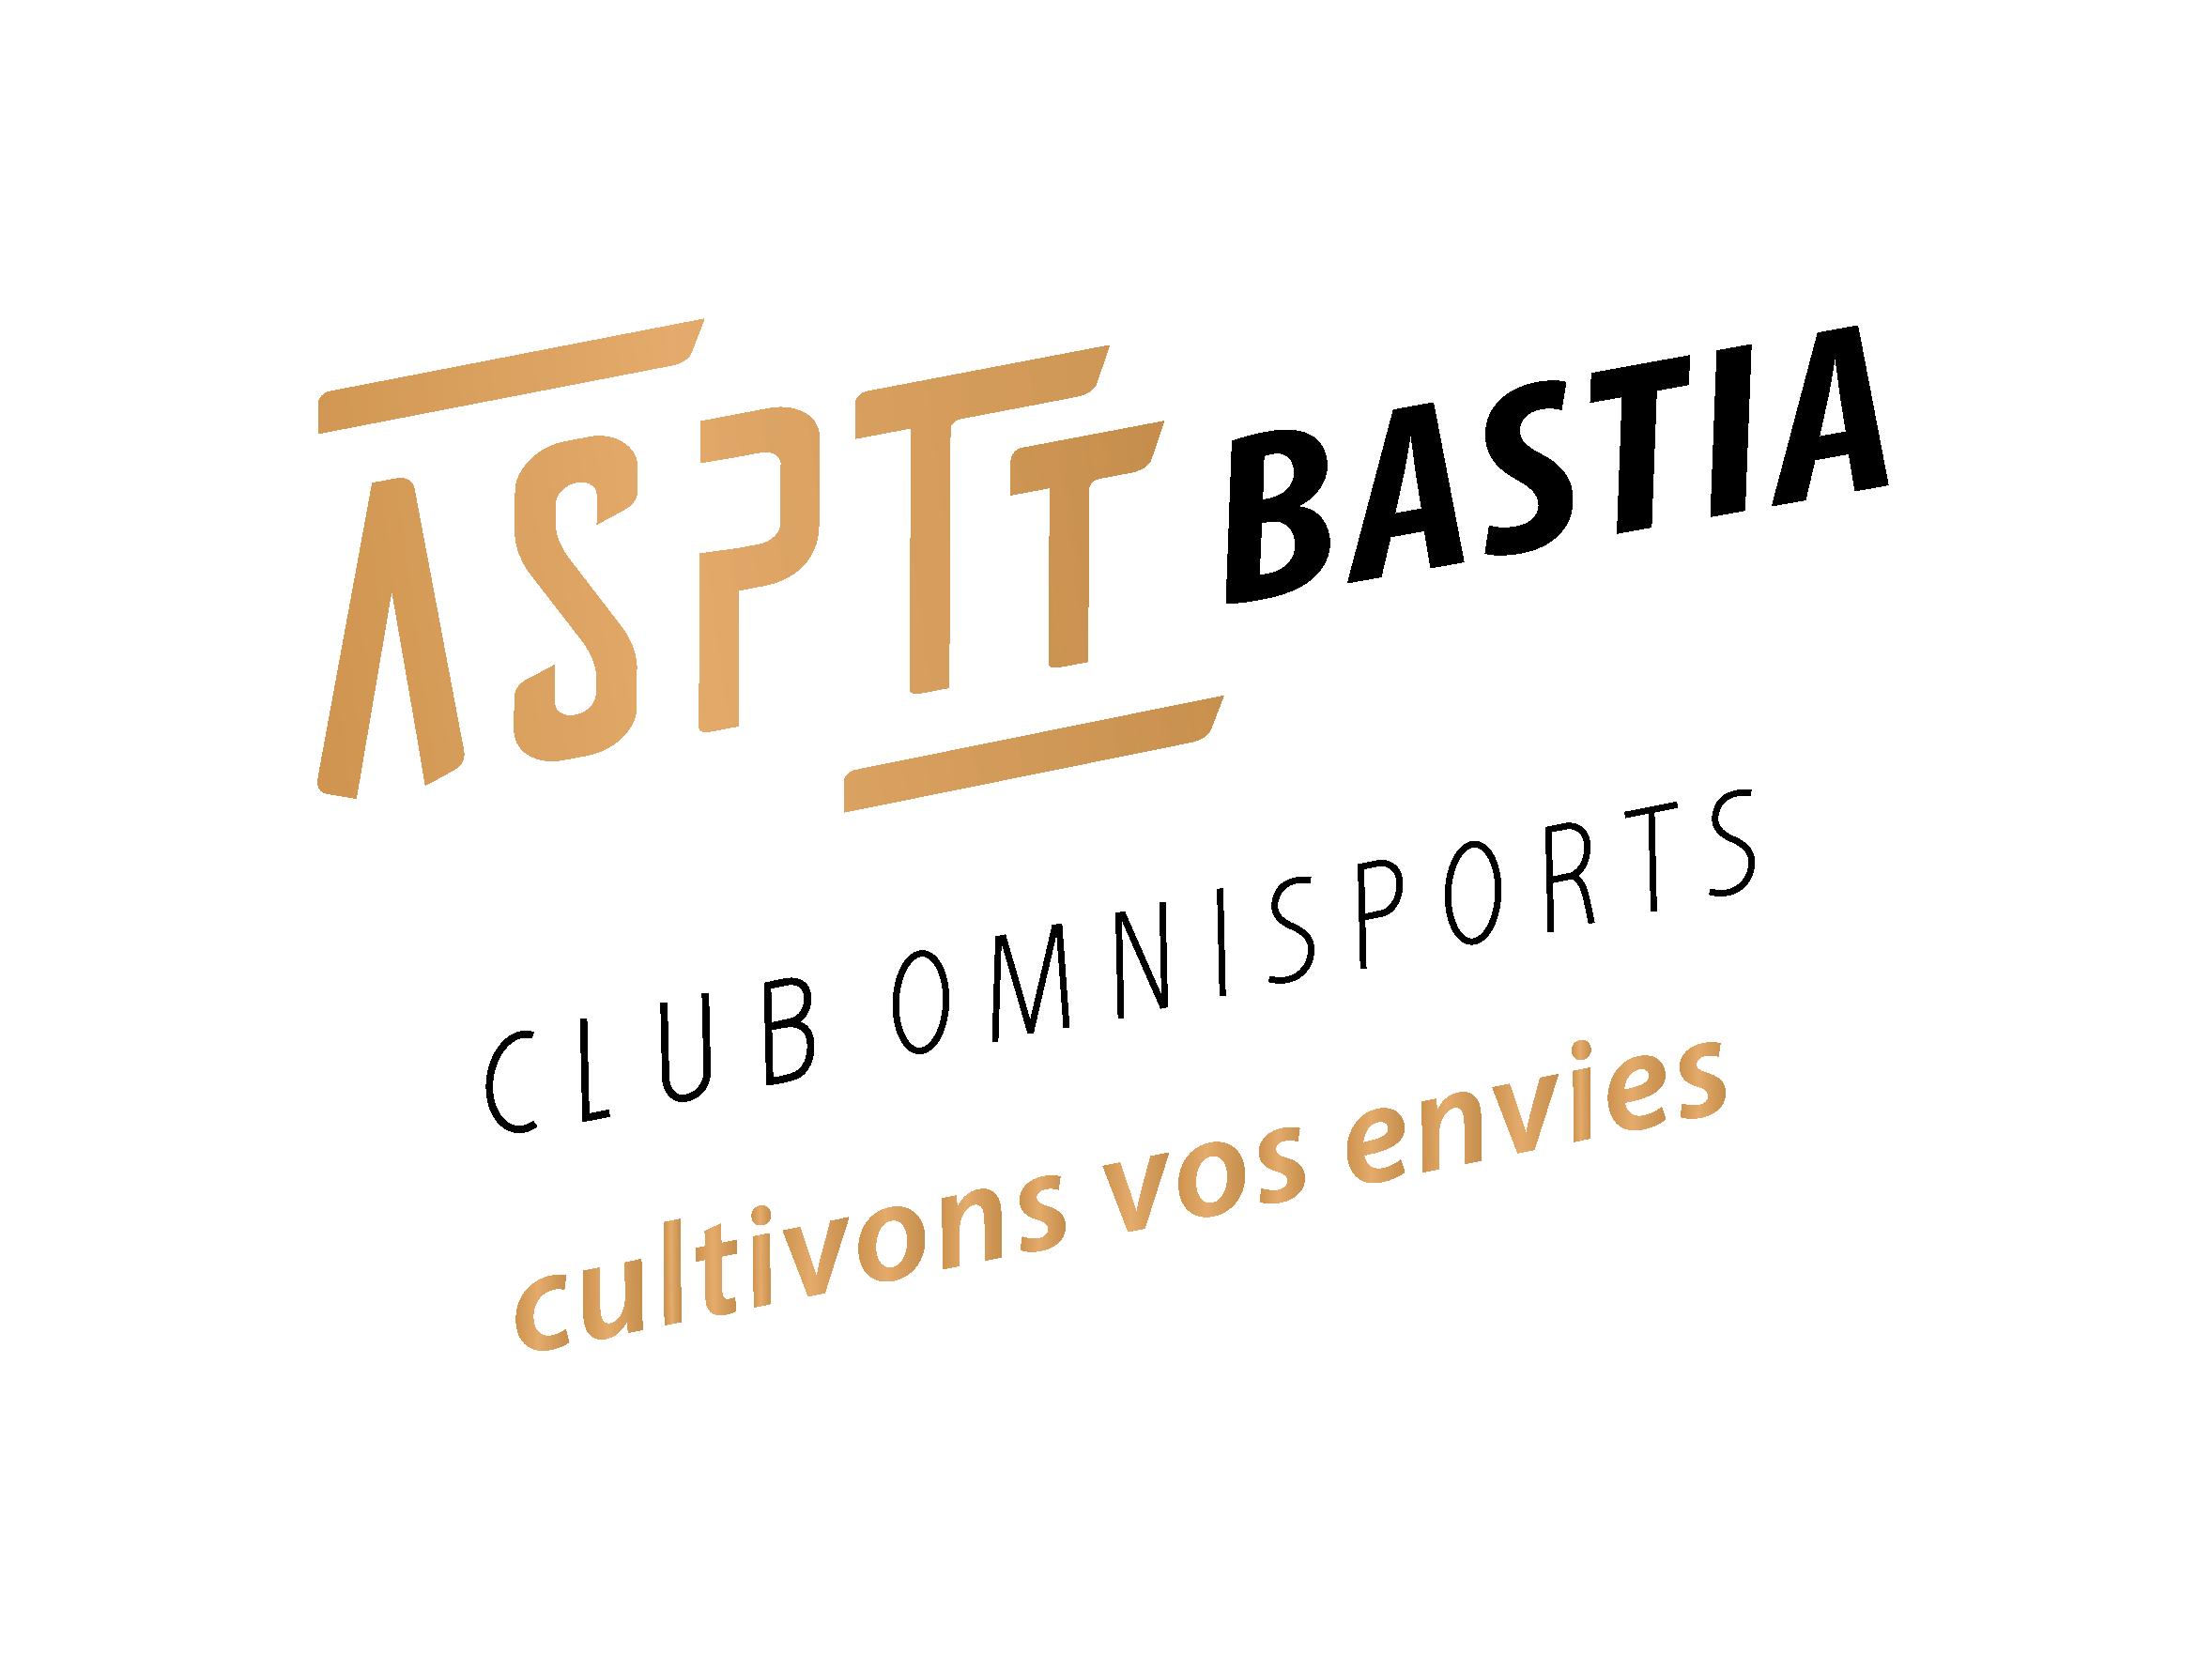 ASPTT BASTIA